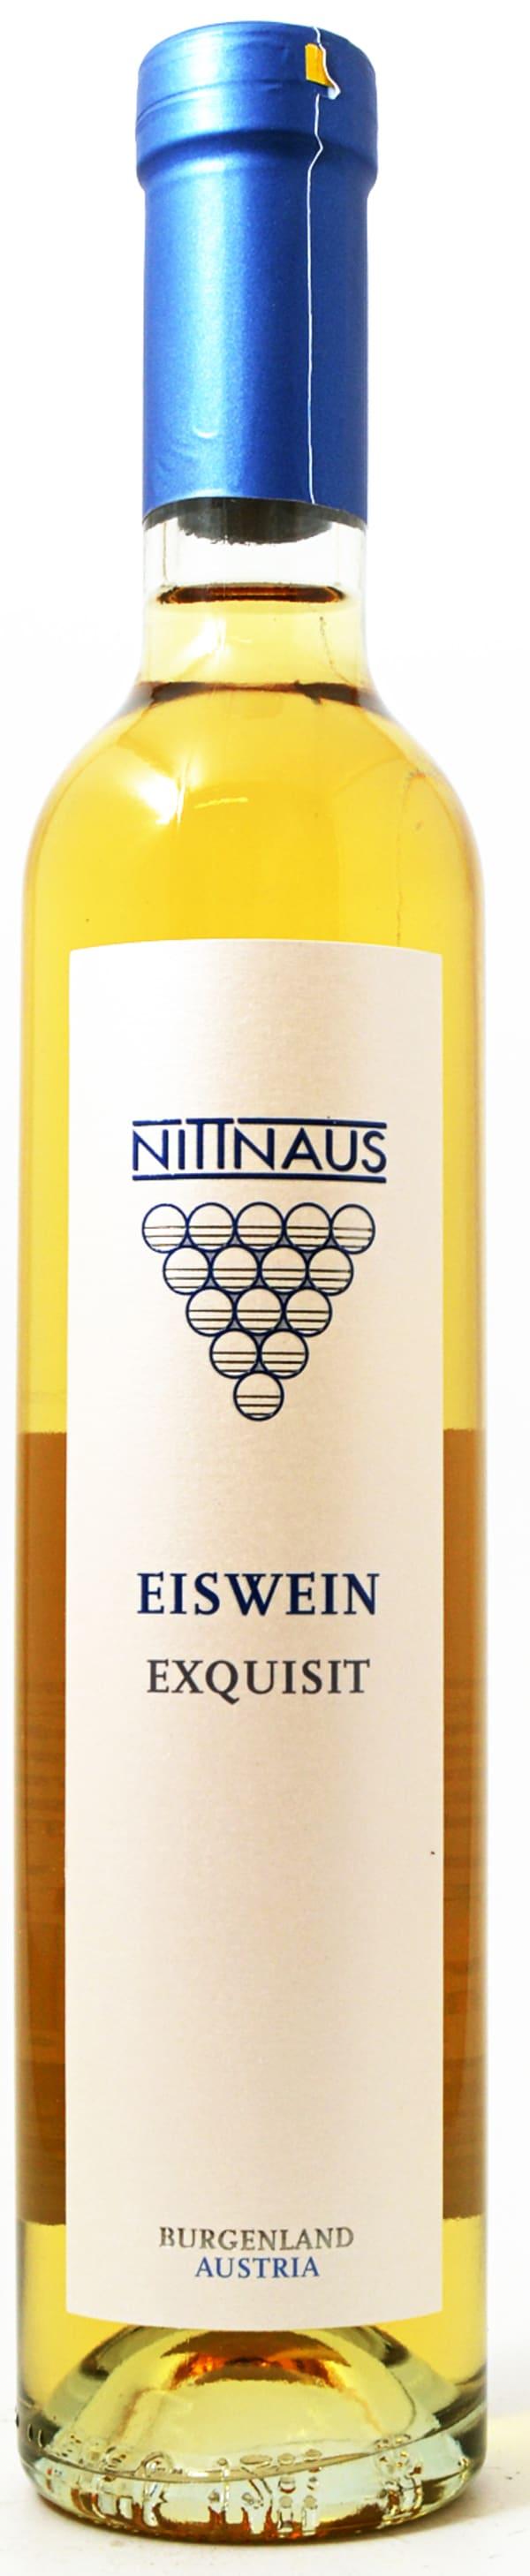 Nittnaus Eiswein Exquisit 2016